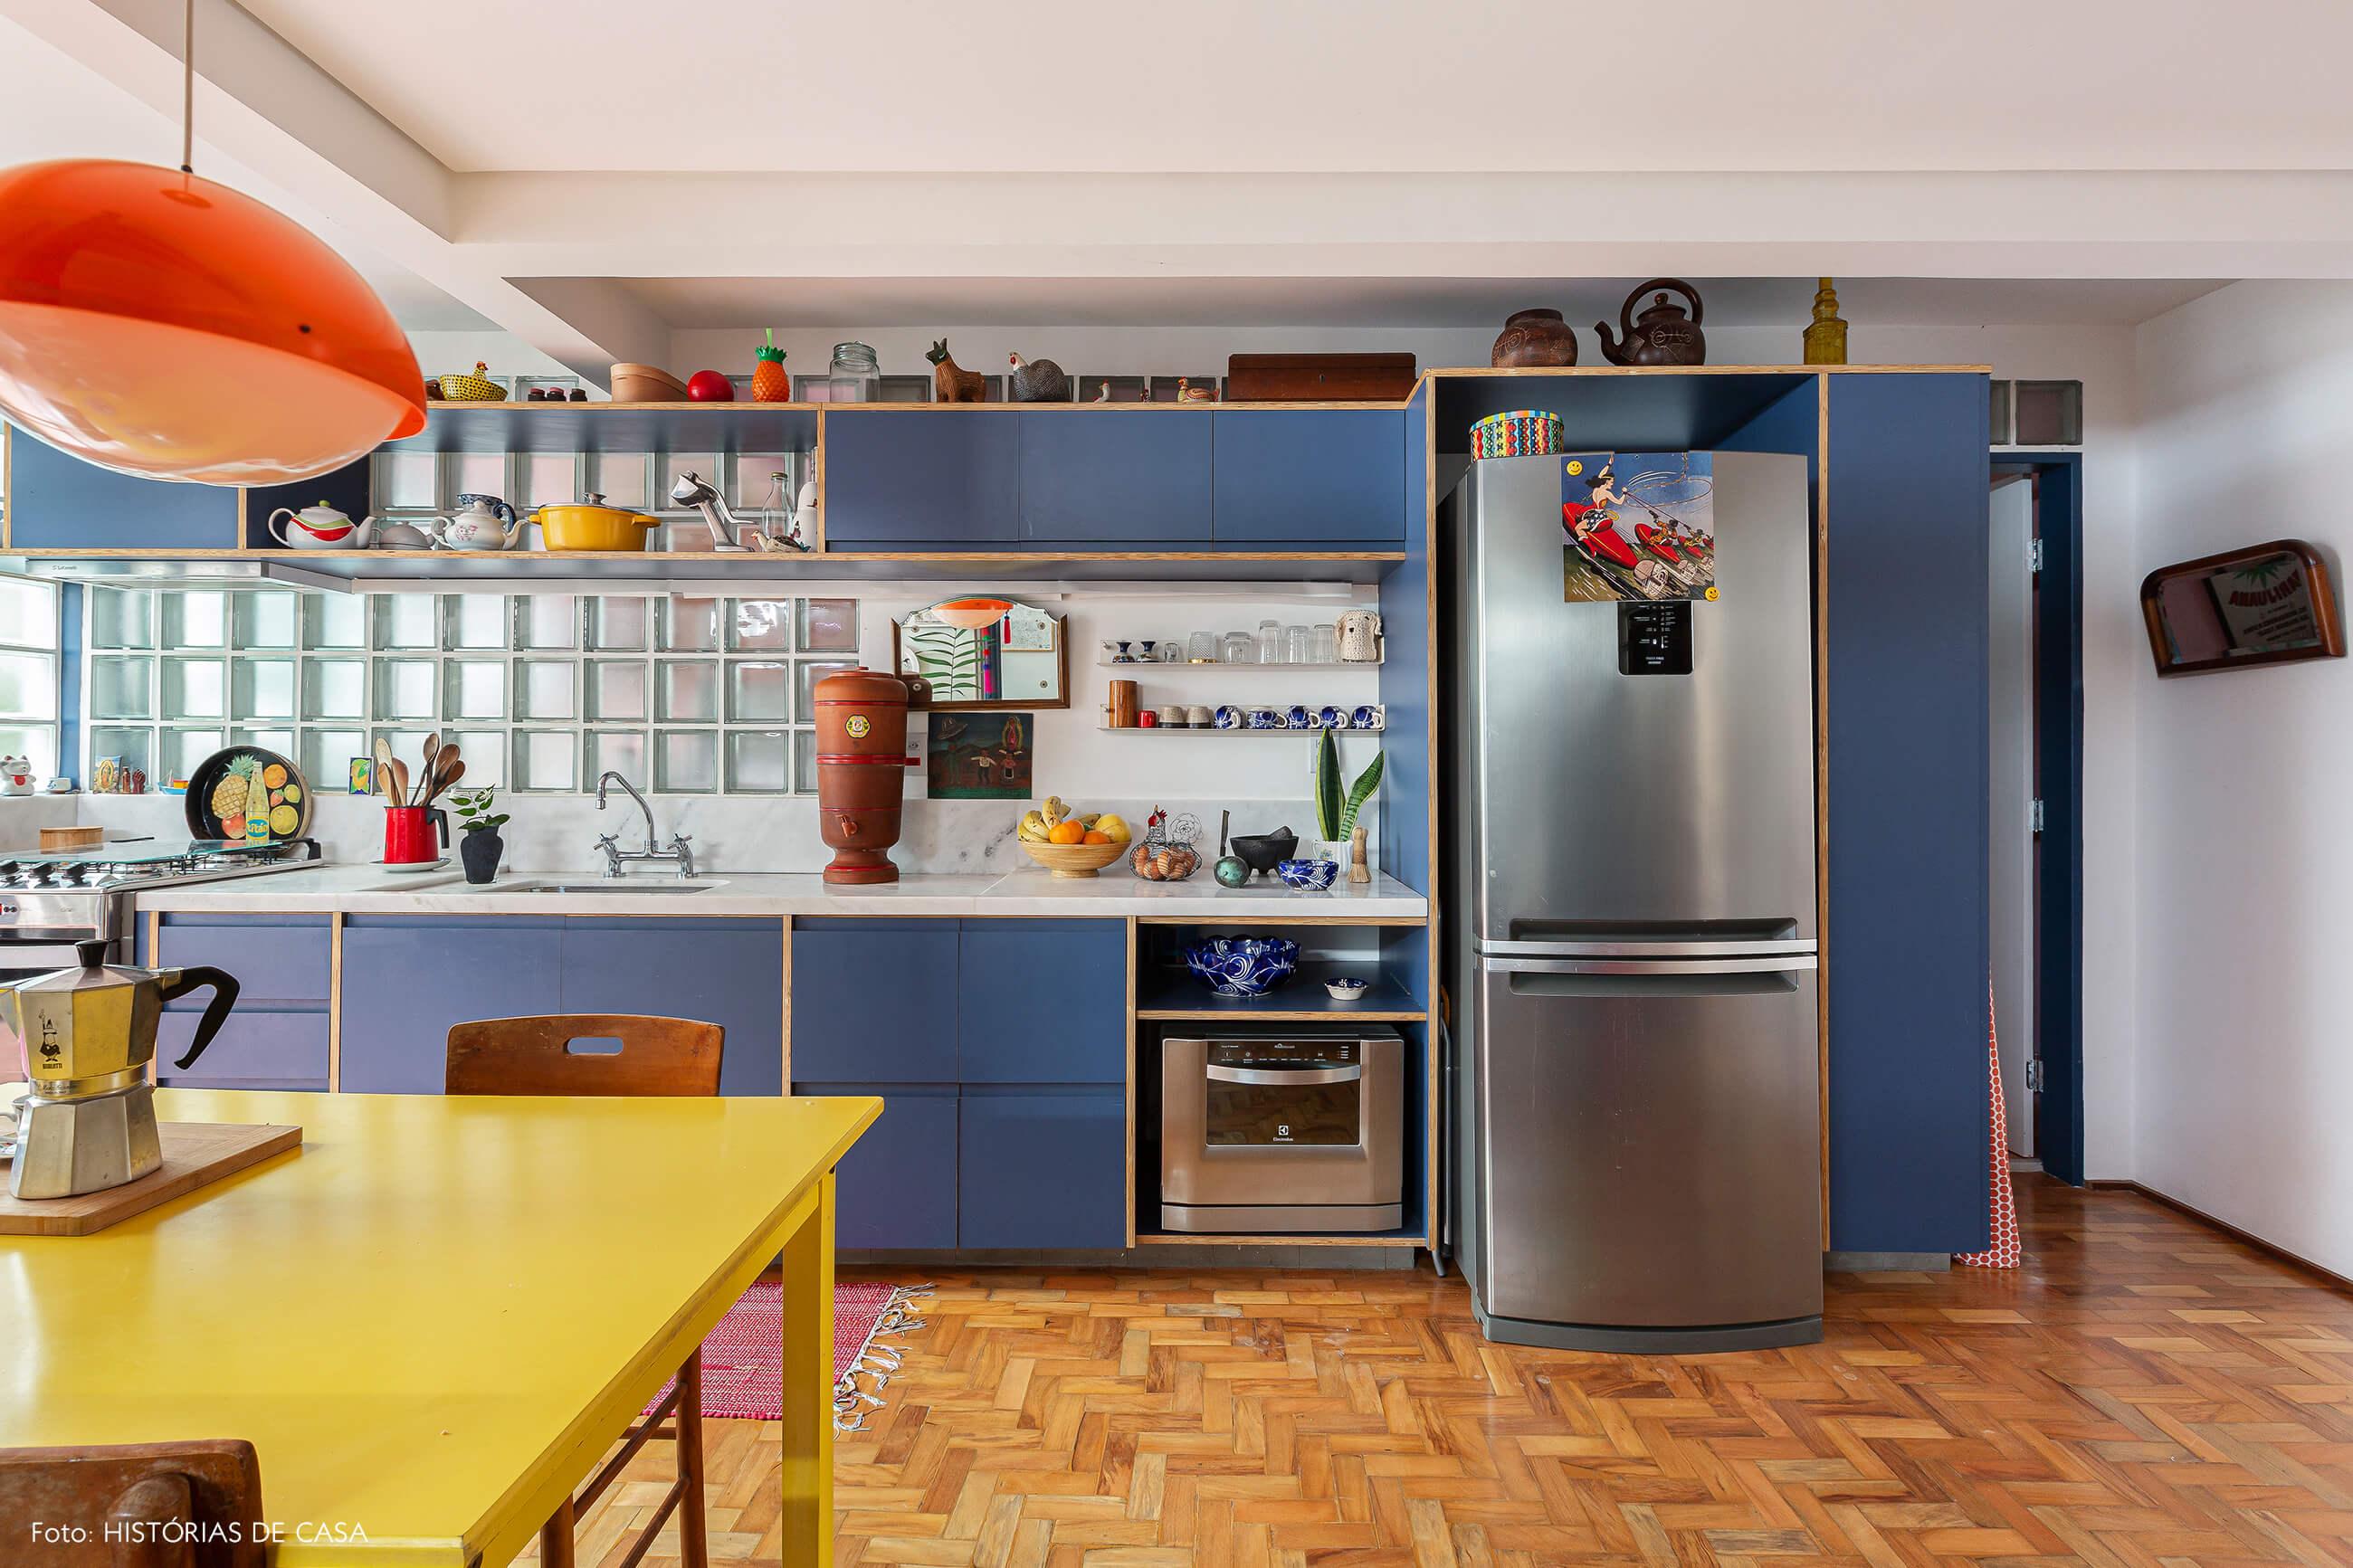 Apartamento reformado, cozinha com armários azuis e mesa amarela